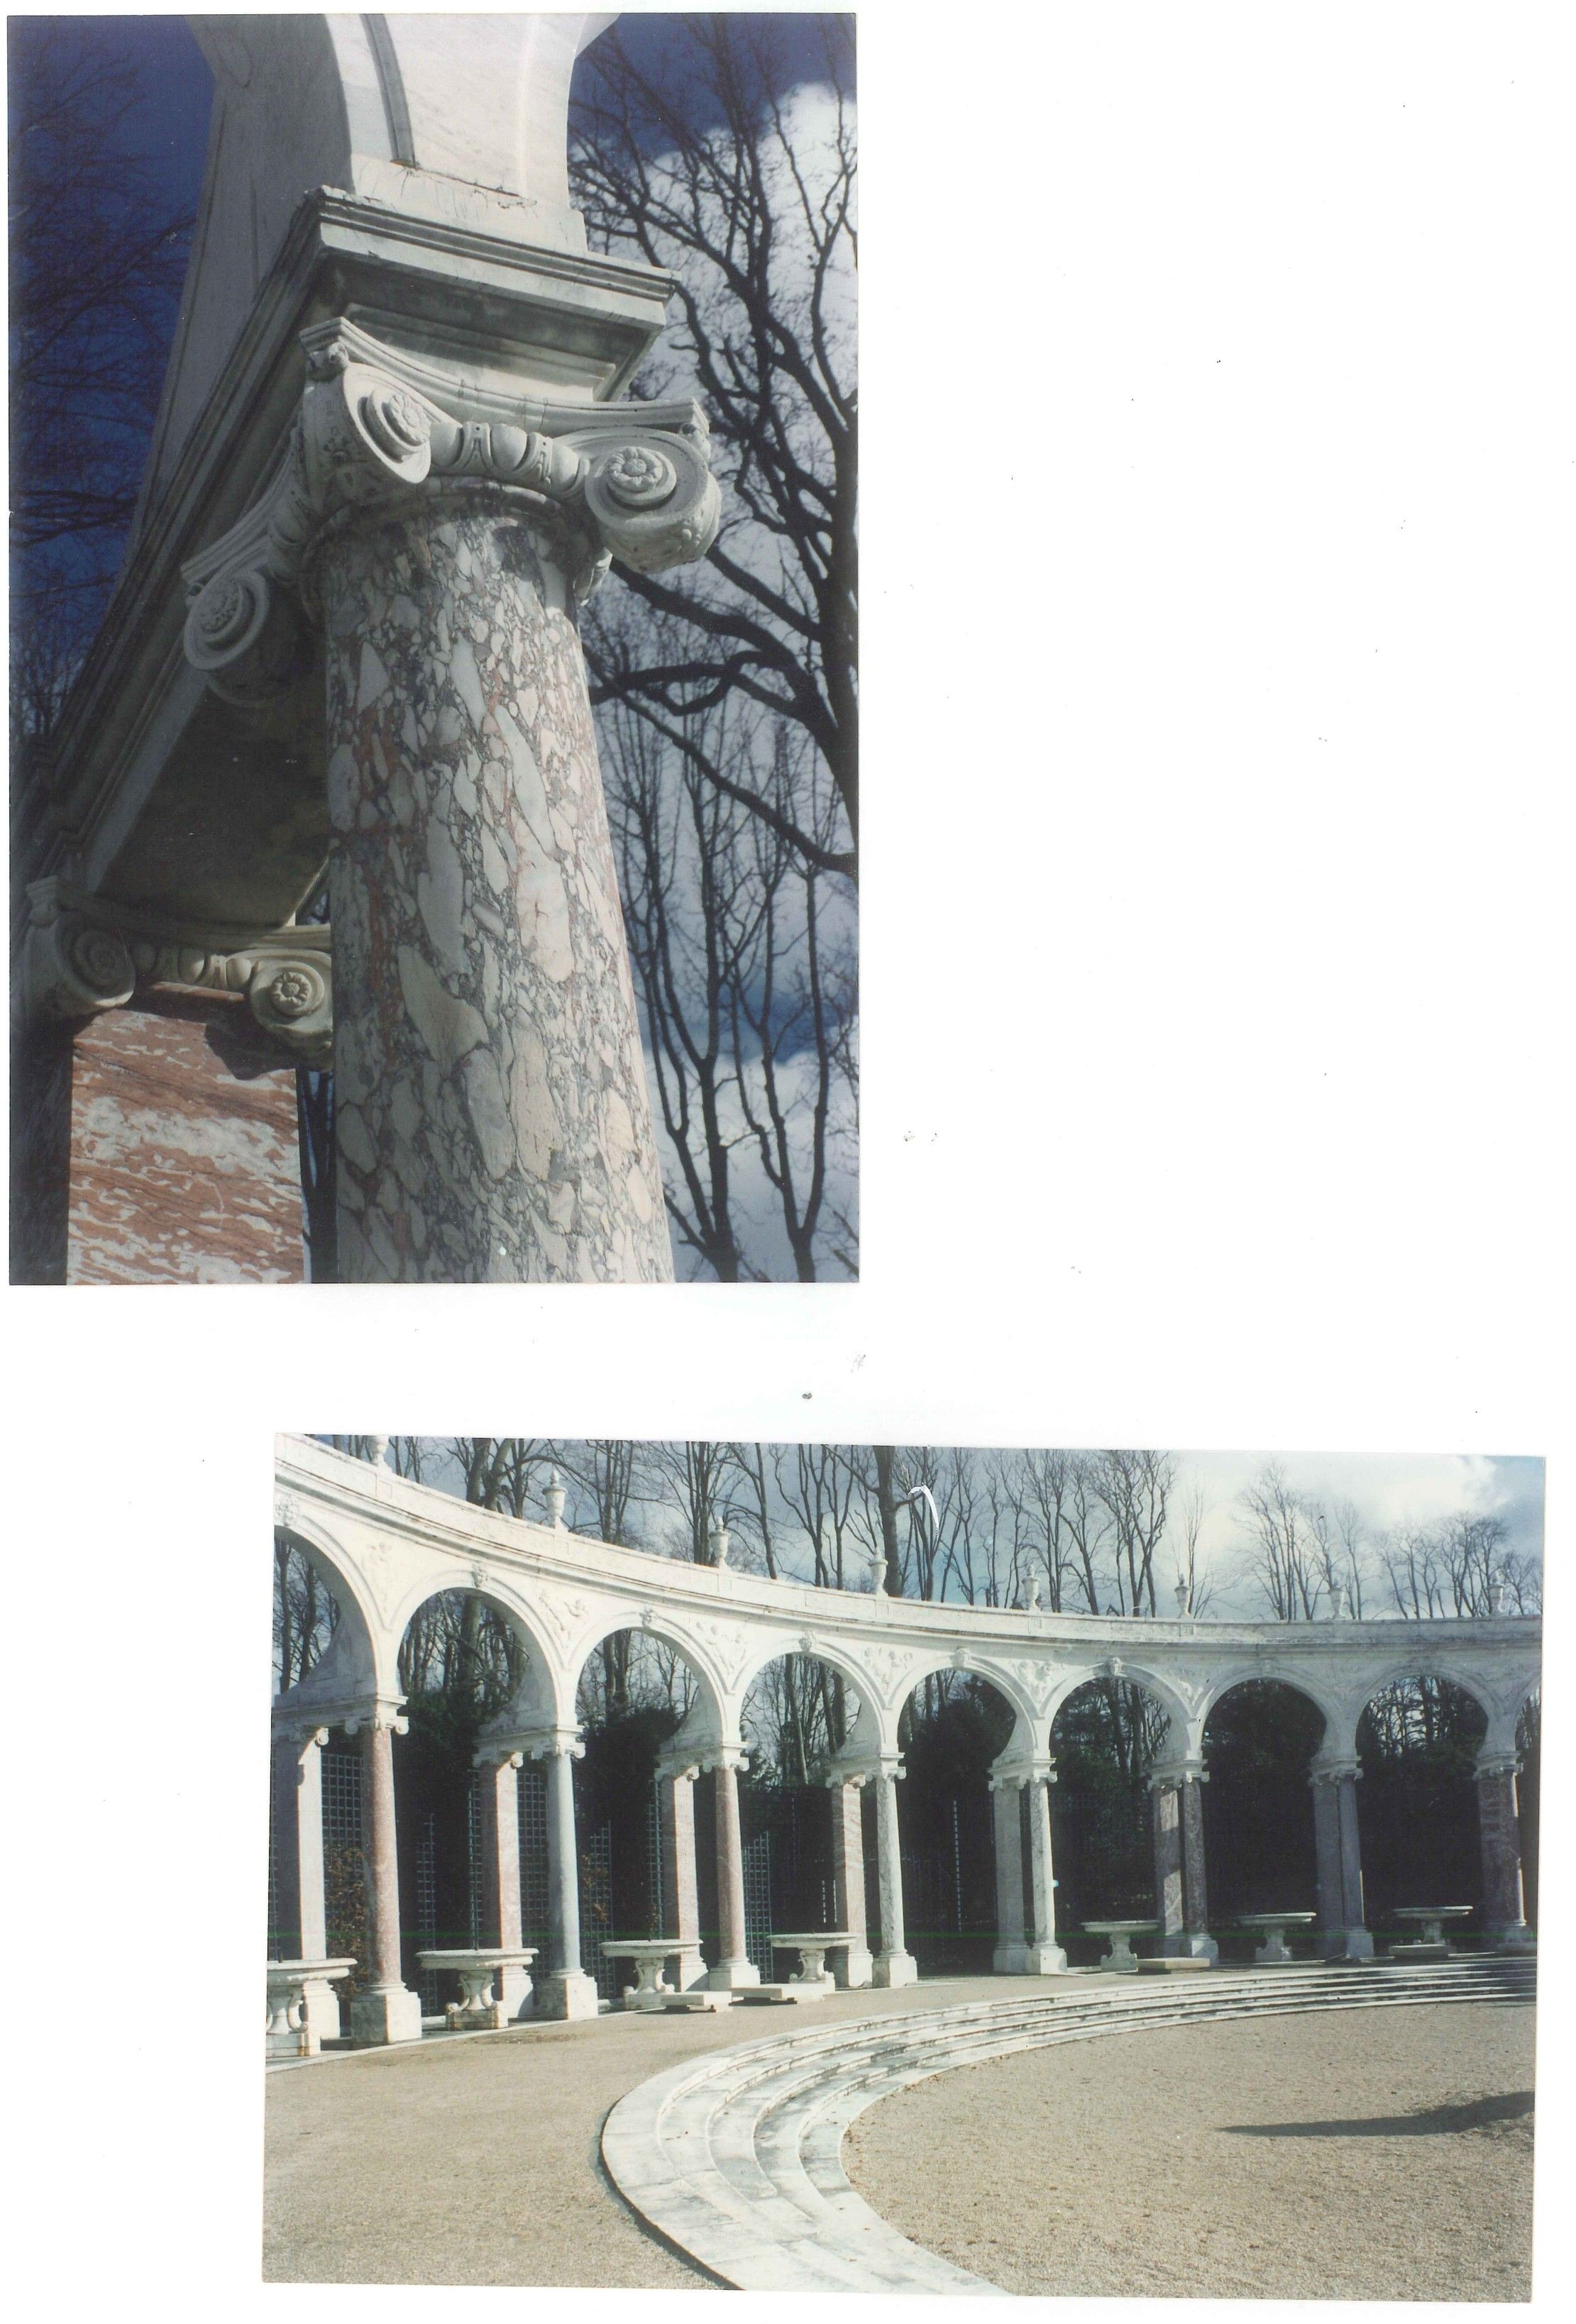 Fontana per il Castello di Versailles (Francia) - http://www.achillegrassi.com/it/project/fontana-per-il-castello-di-versailles-francia/